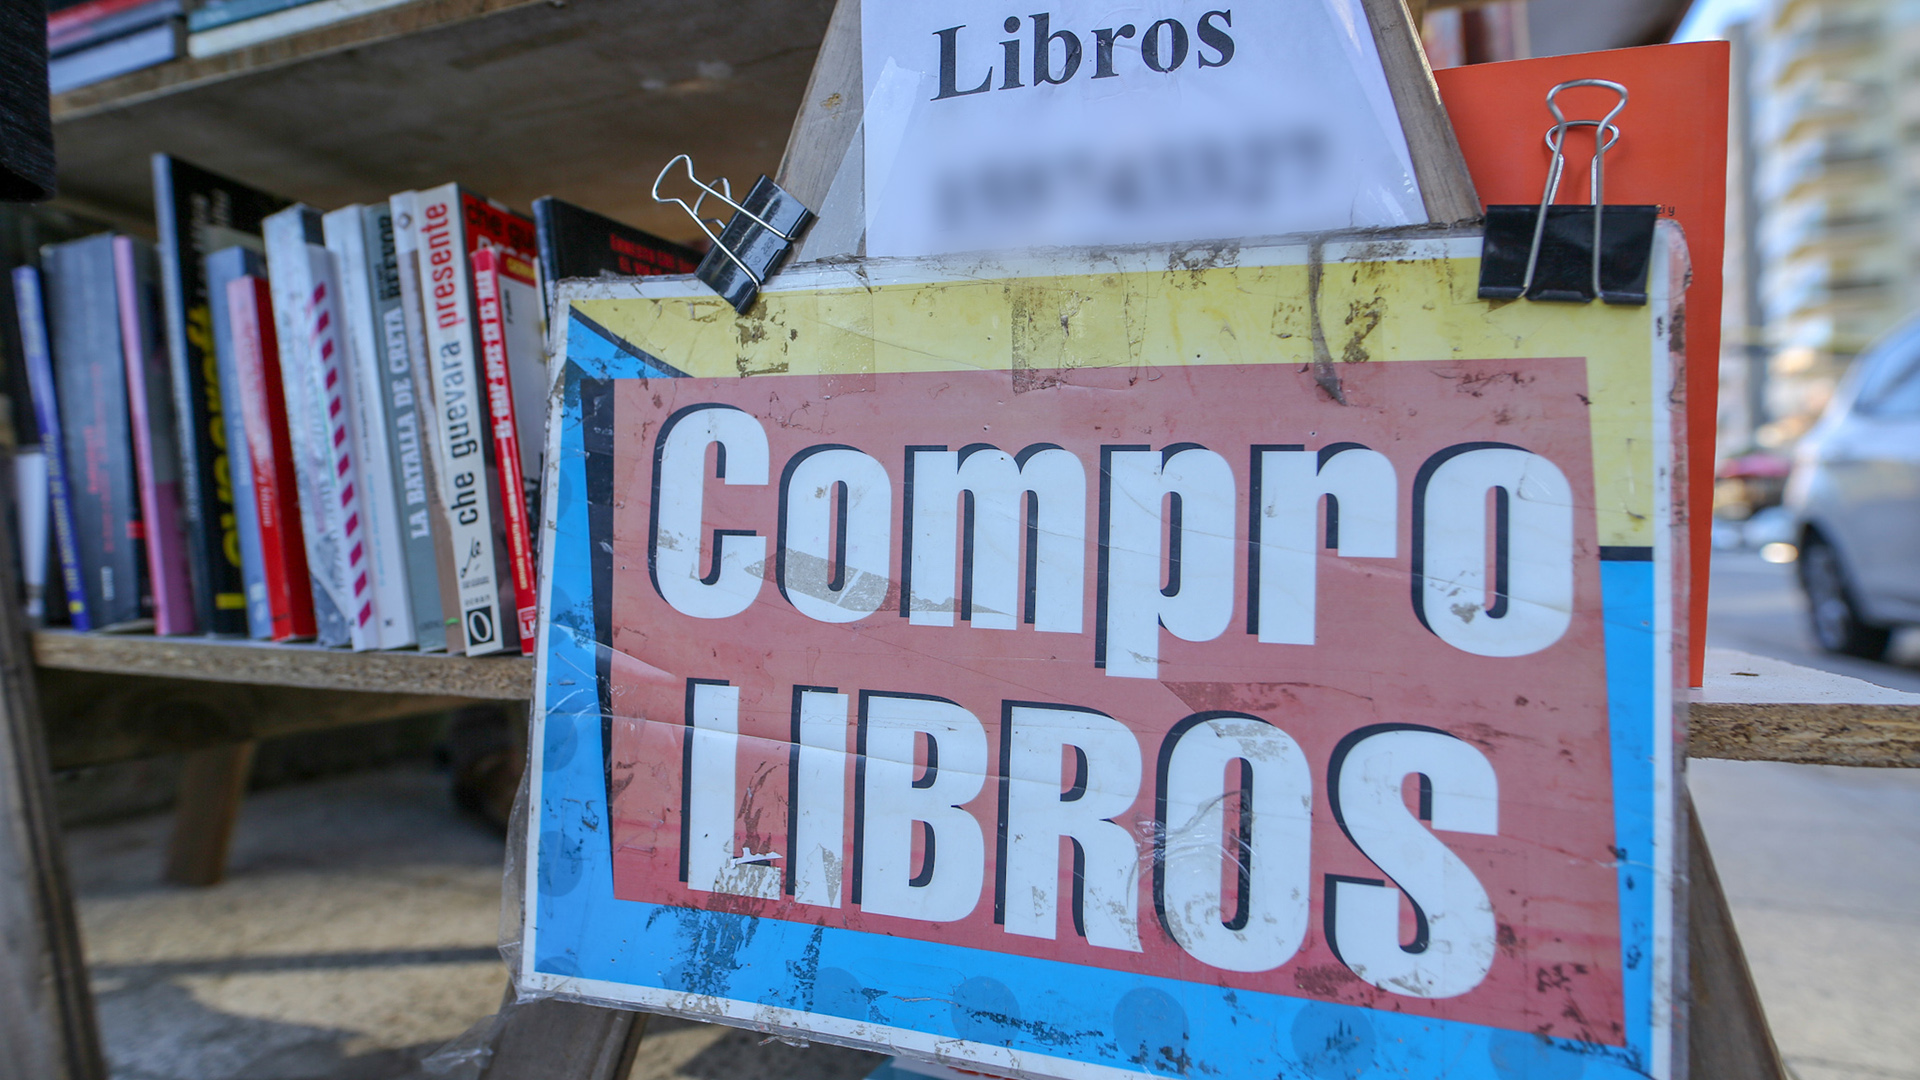 La compra de libros usados, otra forma de darle pelea a lo complejo de conseguir títulos (Christian N. Heit)